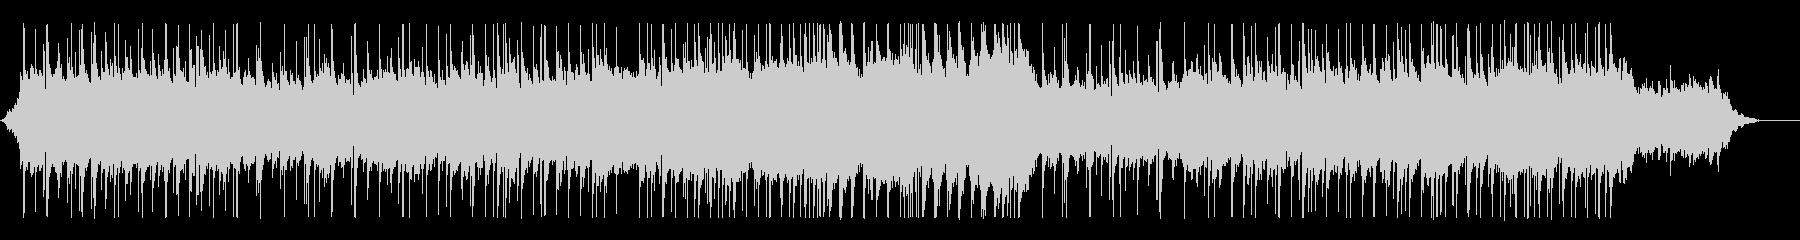 幻想的アルペジオが綺麗なバラードインストの未再生の波形